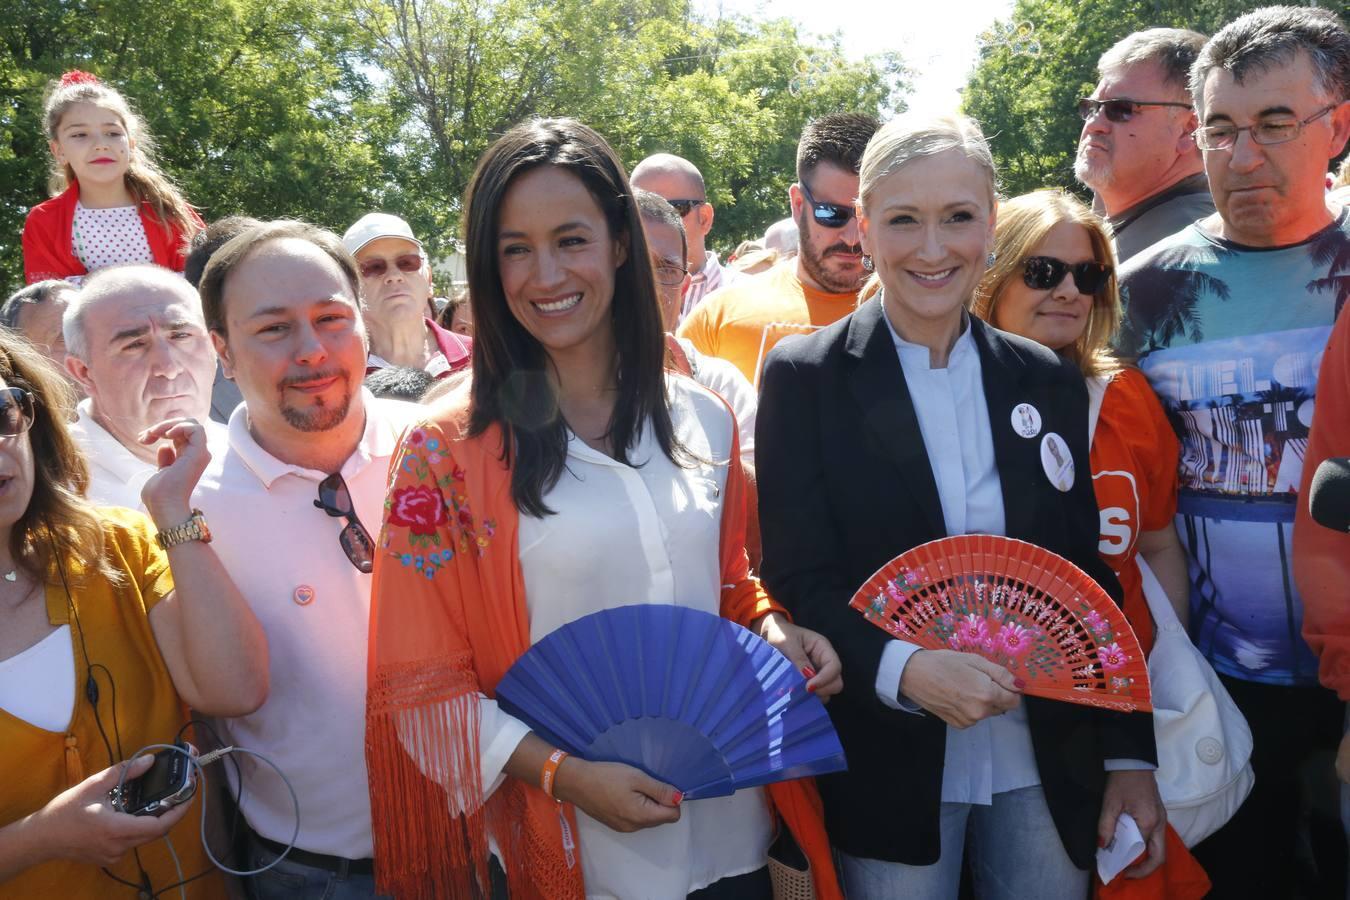 Madrid celebra su fiesta con un claro sabor electoral